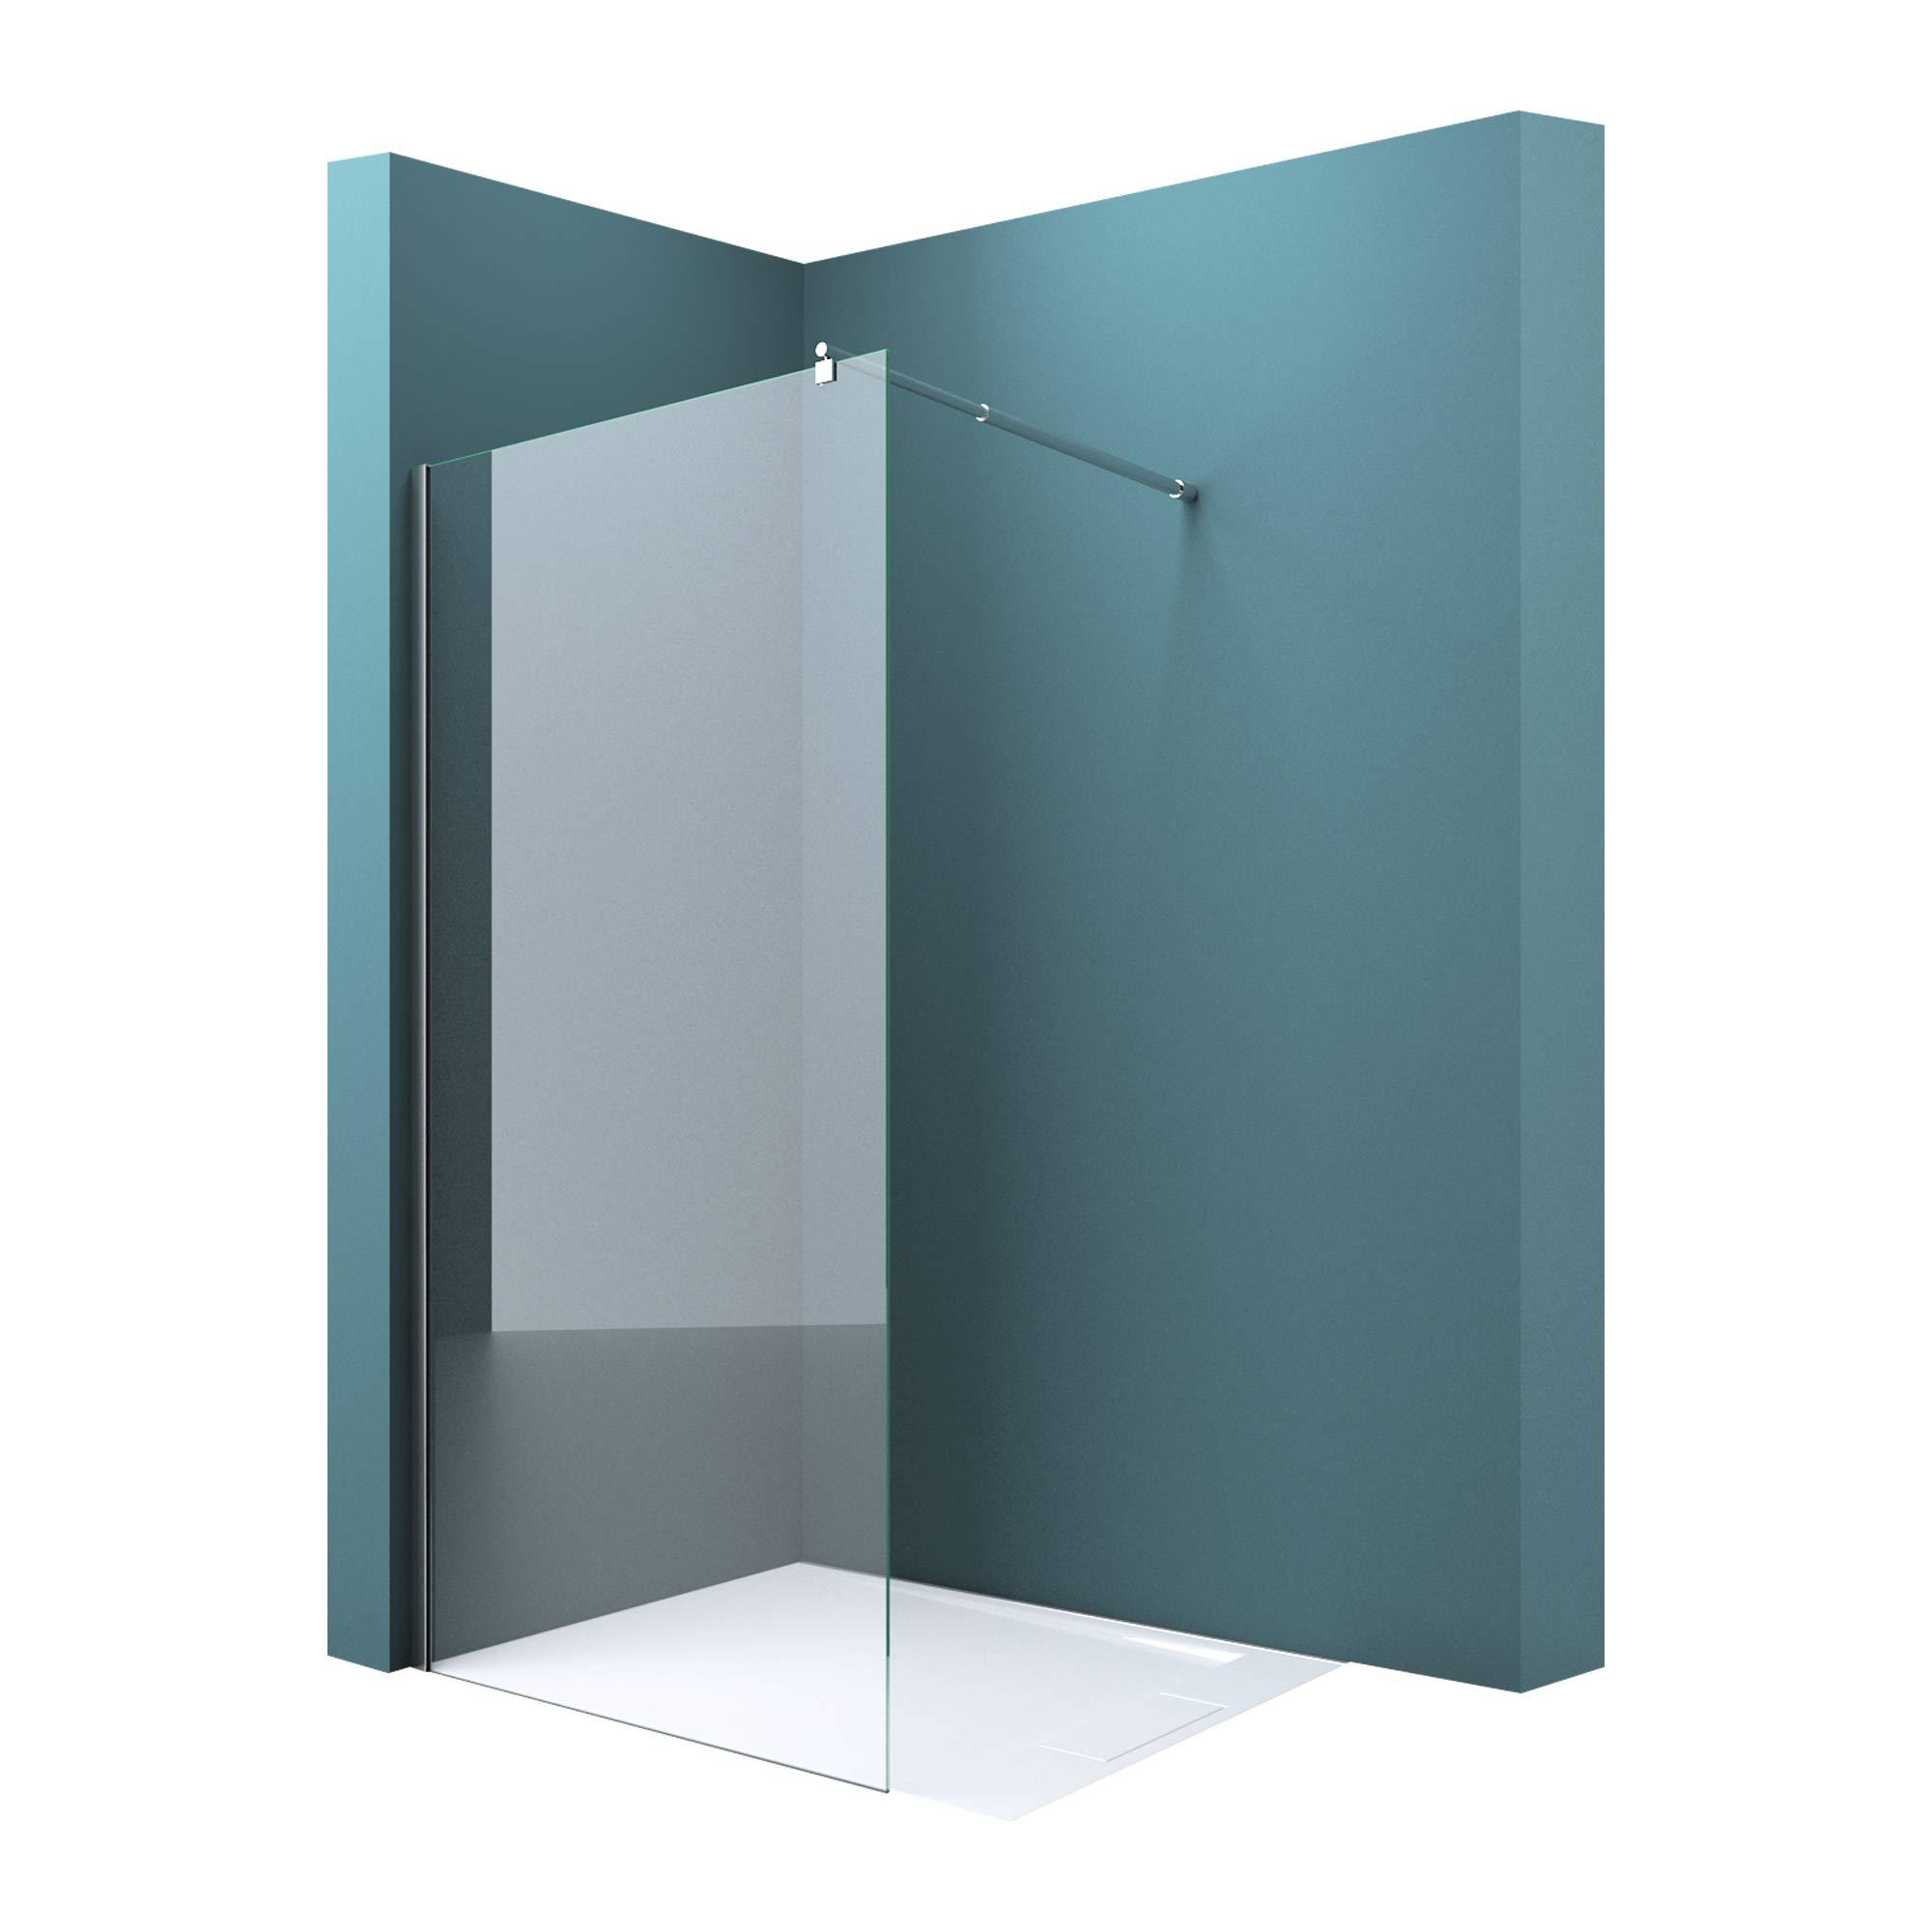 Mampara para ducha Bremen2K, 10 mm de cristal de seguridad de vidrio templado altamente resistente EGS transparente, con revestimiento NANO en ambos lados, incluye estabilizador: Amazon.es: Bricolaje y herramientas